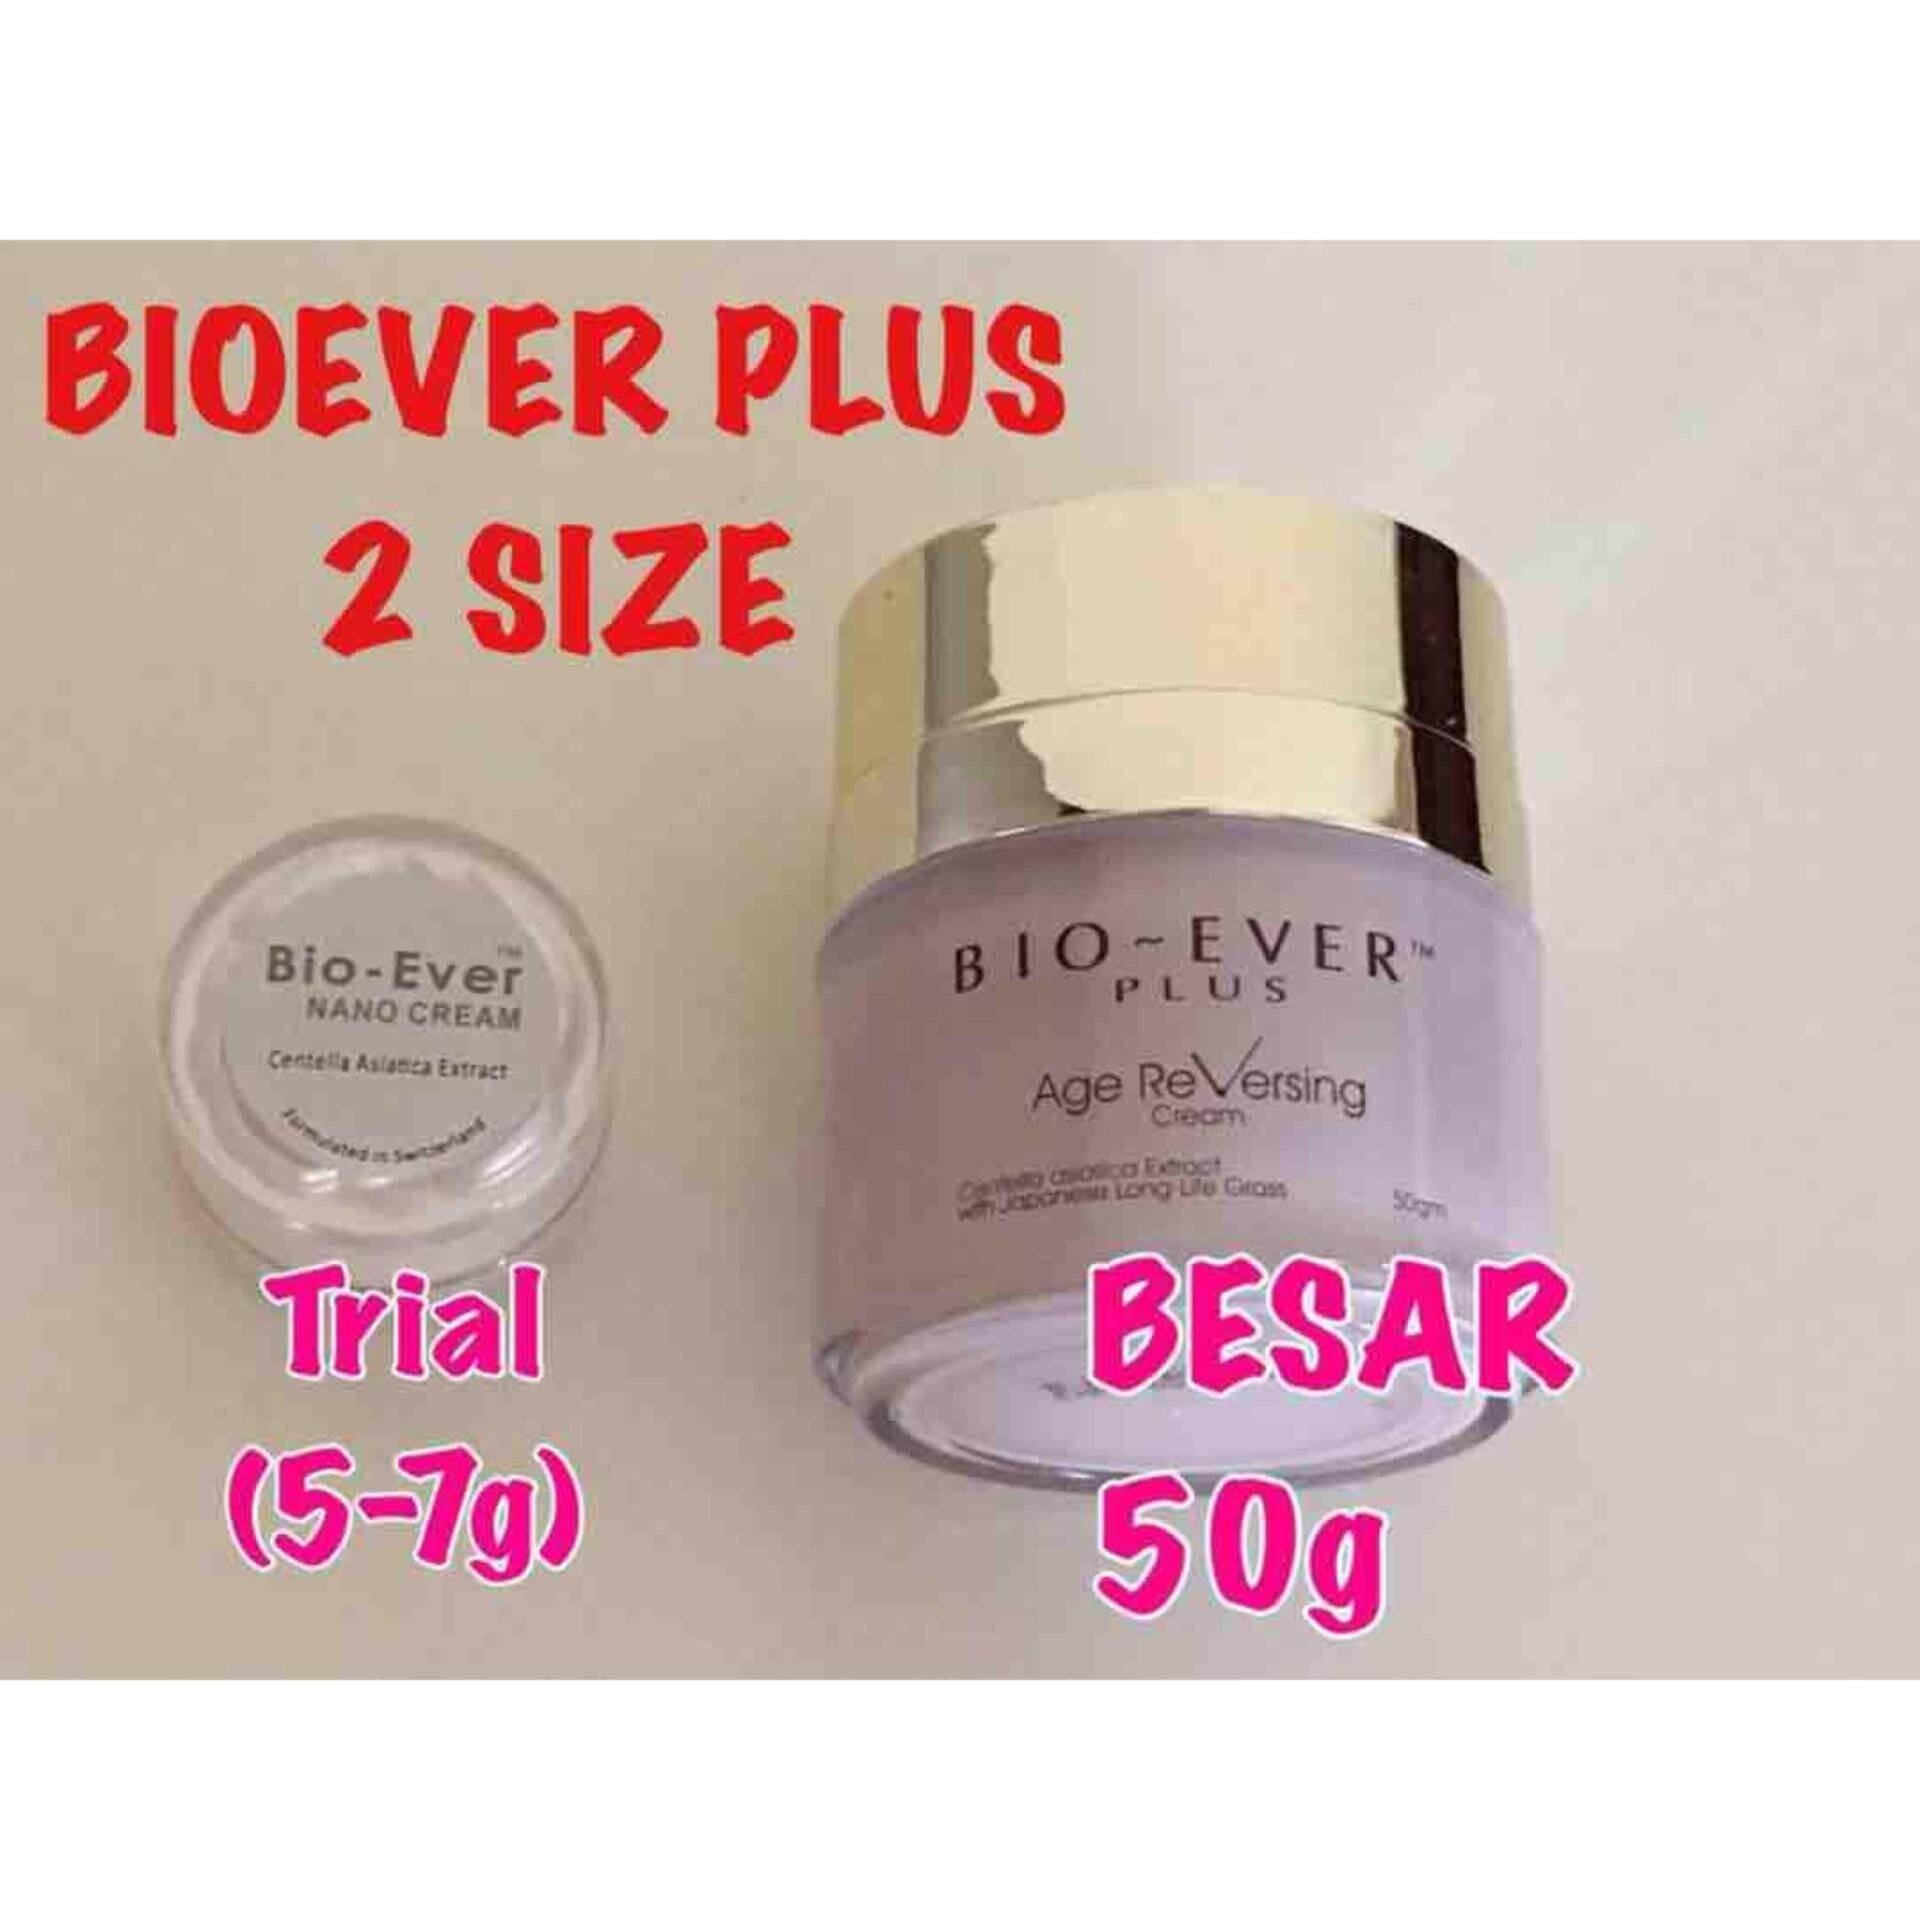 Ointments Creams Buy At Best Price In Luxor Besar Bioever Plus